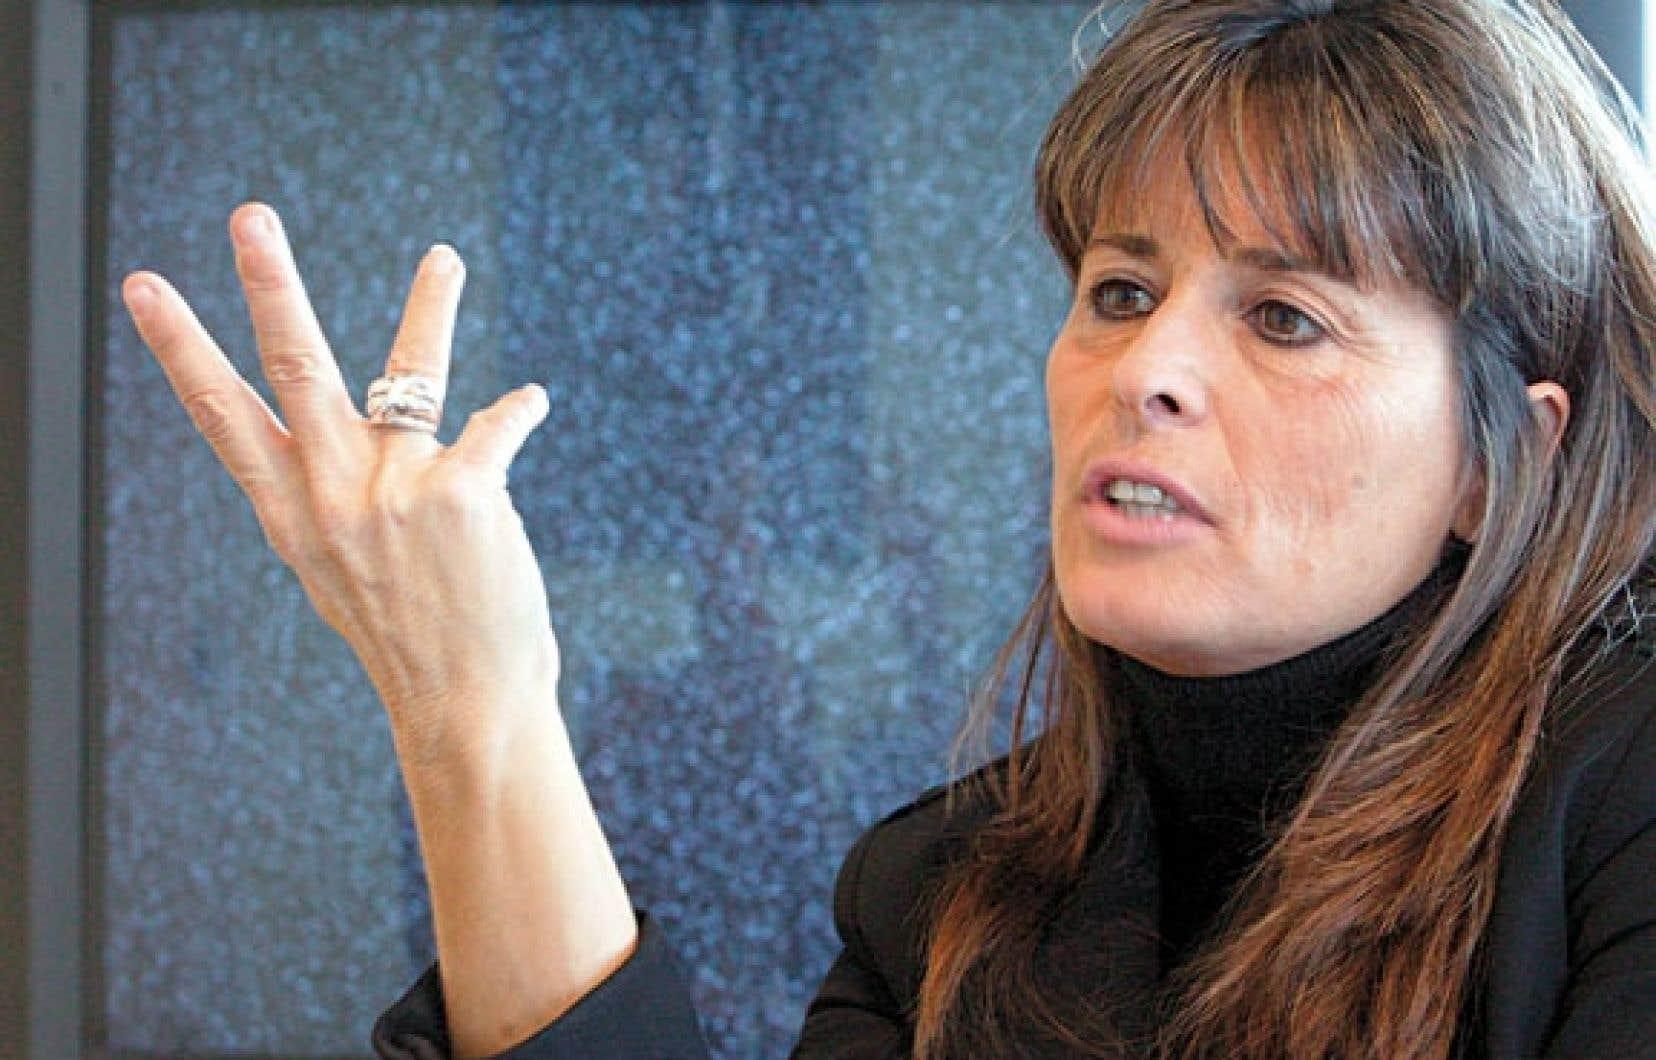 L'auteure Fabienne Larouche présente sa vision de la laïcité.